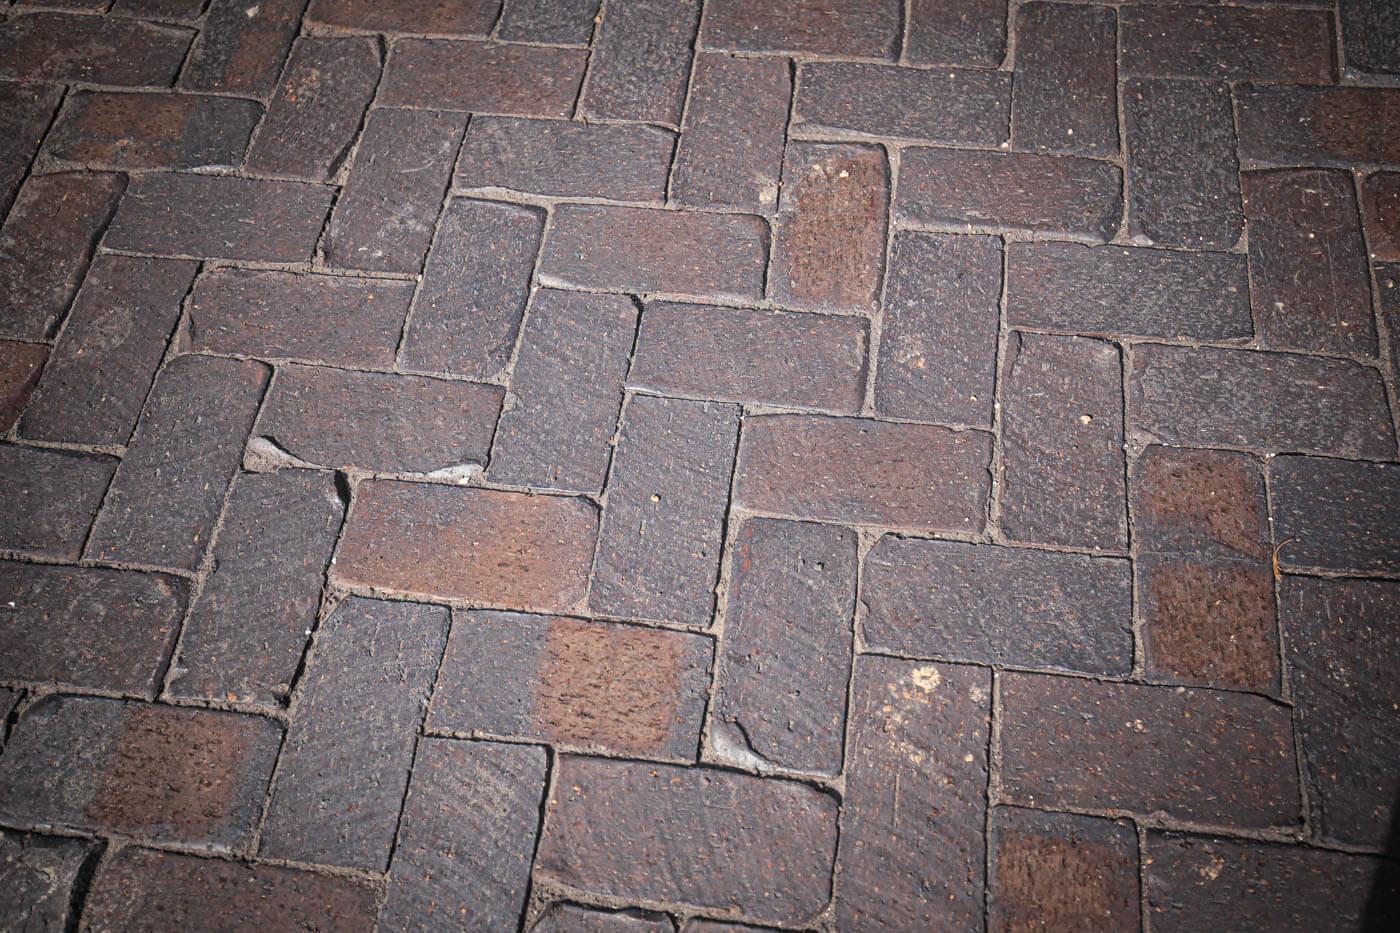 Mahogany Cobblestone Clay Pavers Littlehampton Brick Rs 7